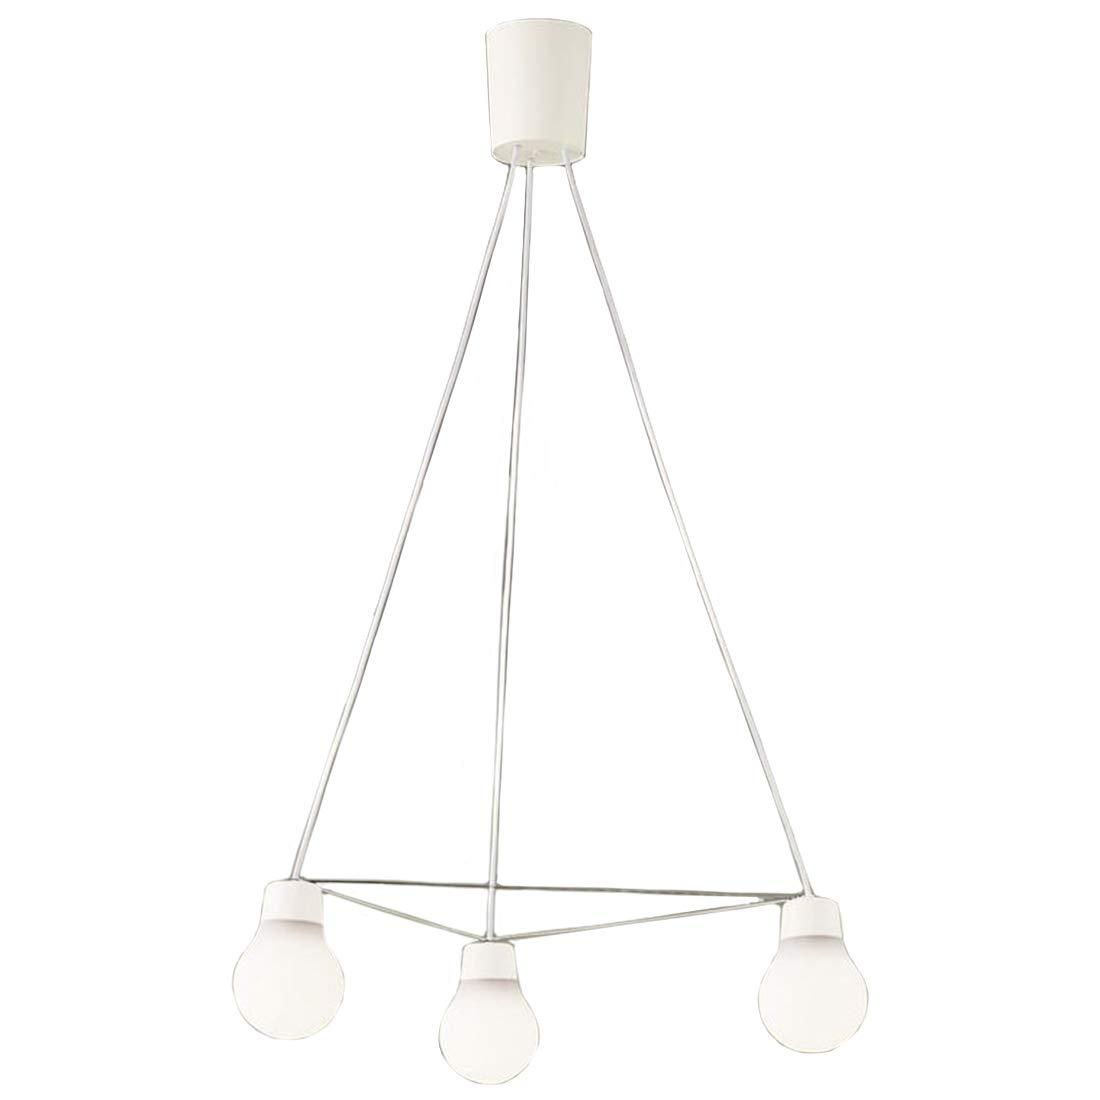 パナソニック Panasonic 照明器具LAMP DESIGNシリーズ LEDペンダントライト 温白色プラスチックセードタイプ 拡散タイプ引掛シーリング方式 白熱電球60形3灯器具相当LGB19329WCE1